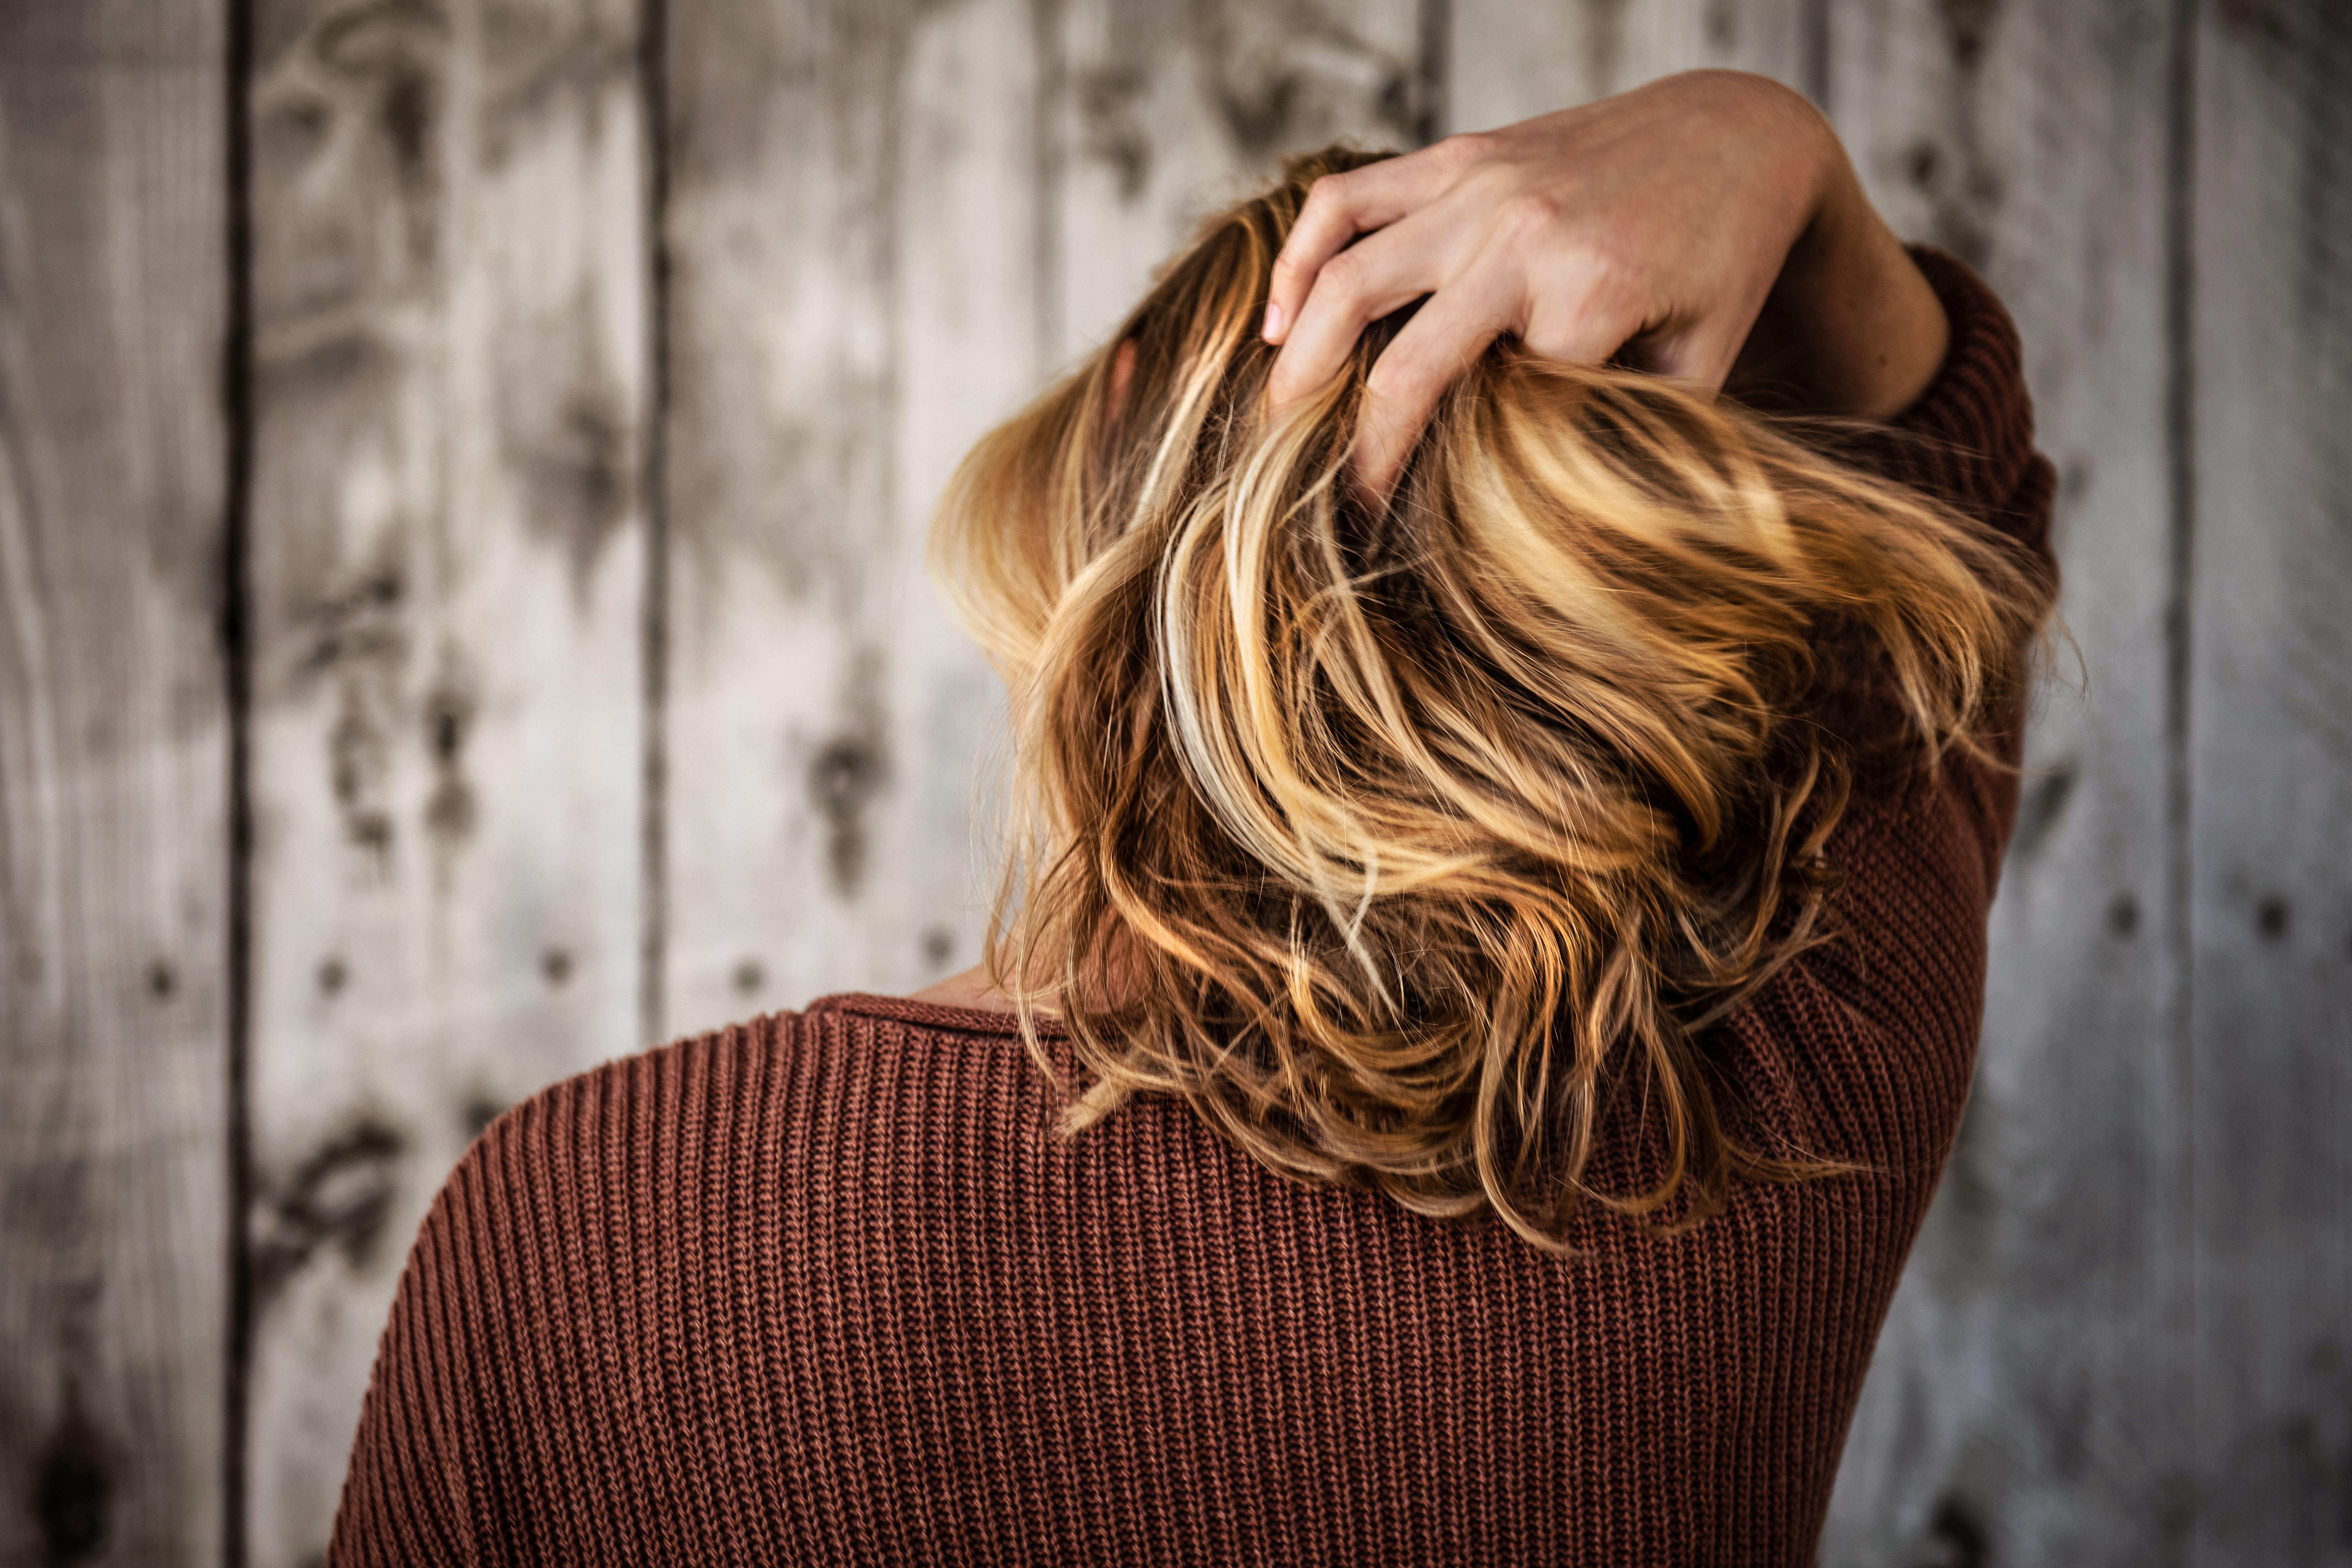 髪のプリン状態を目立たないようにするには?ごまかすアレンジ方法紹介!